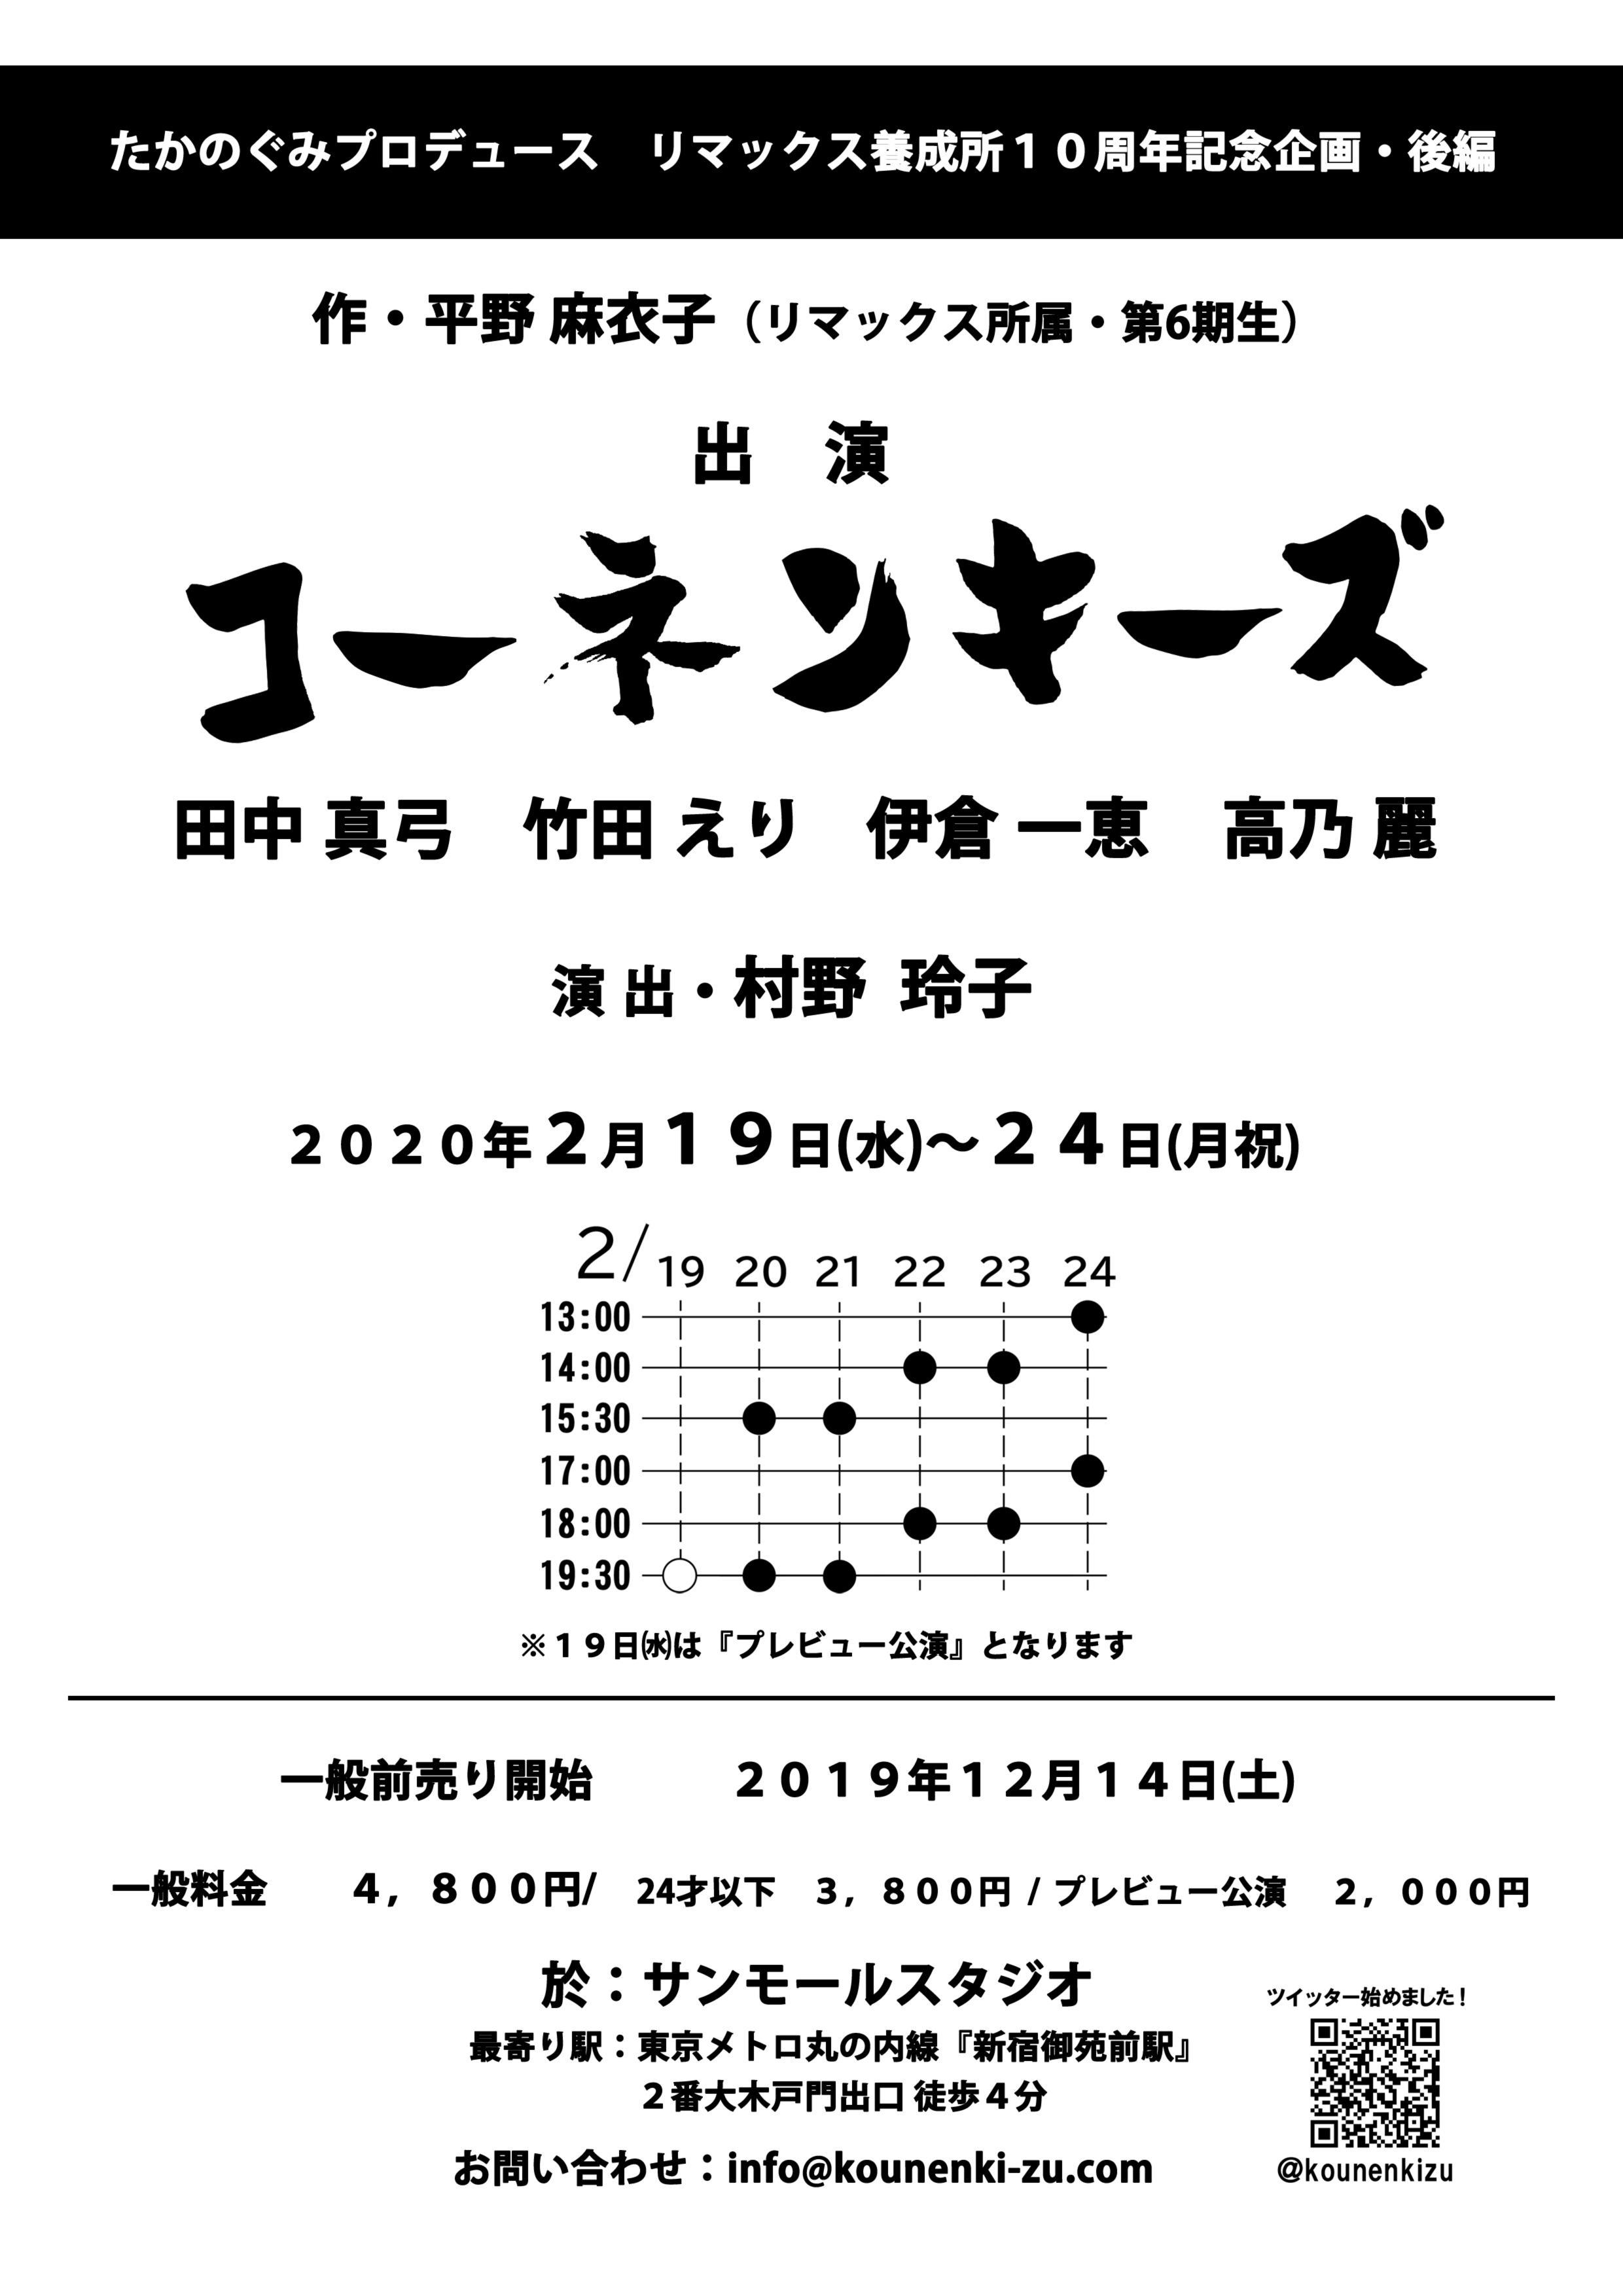 2019.12.02コーネンキーズ続報